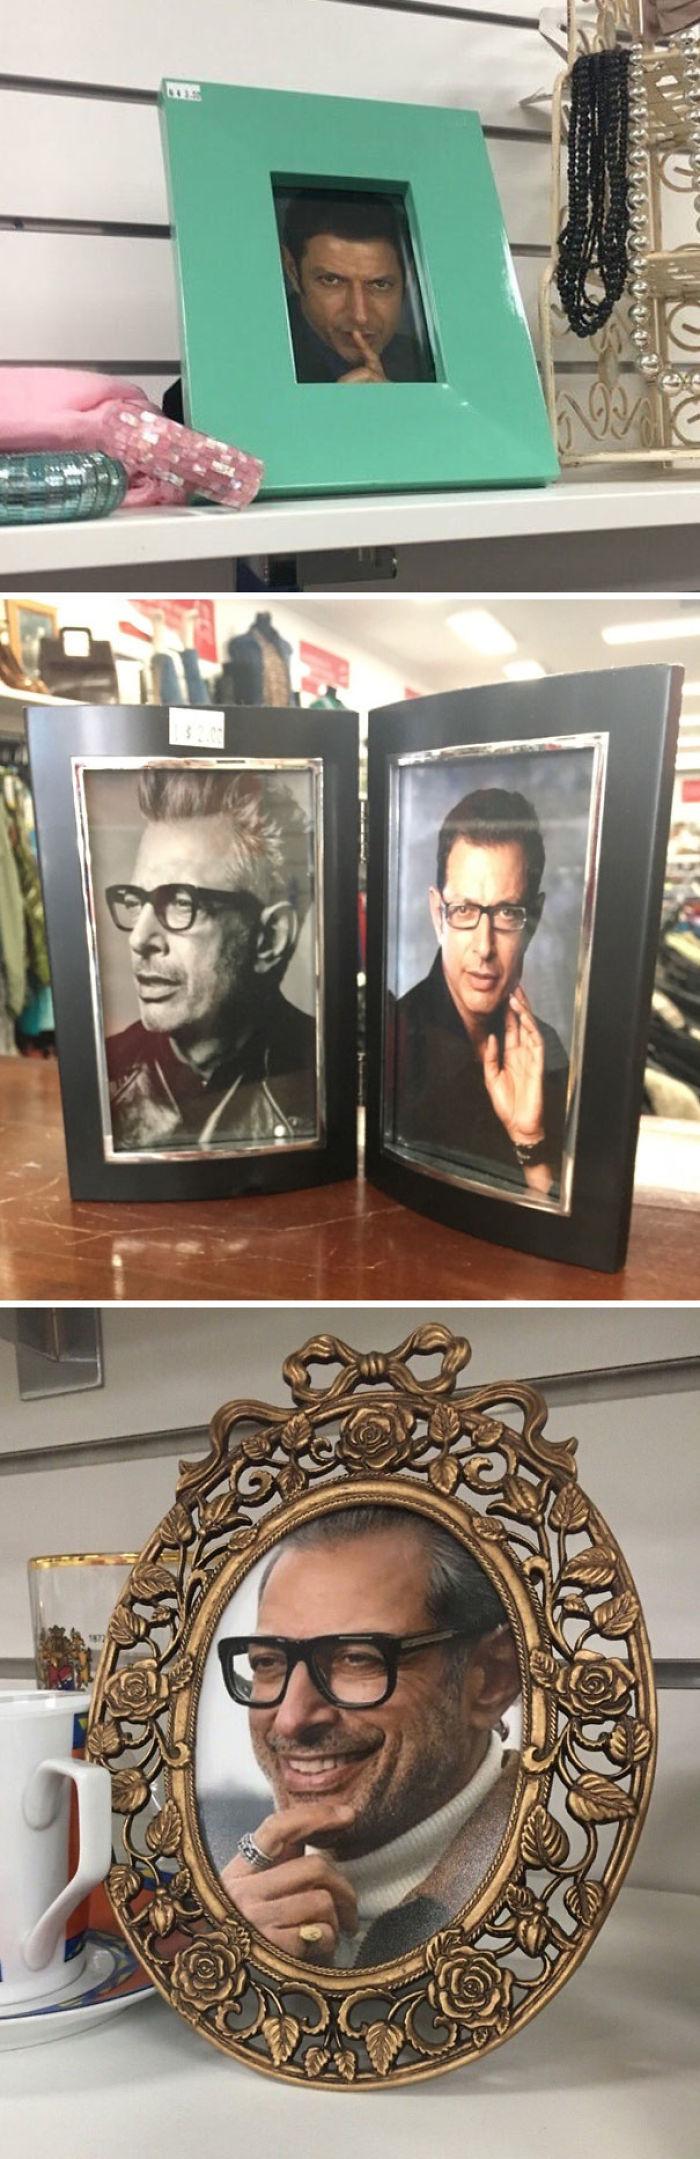 Uno de los que trabajan en la tienda de 2ª mano ha puesto a Jeff Goldblum en todos los marcos de fotos